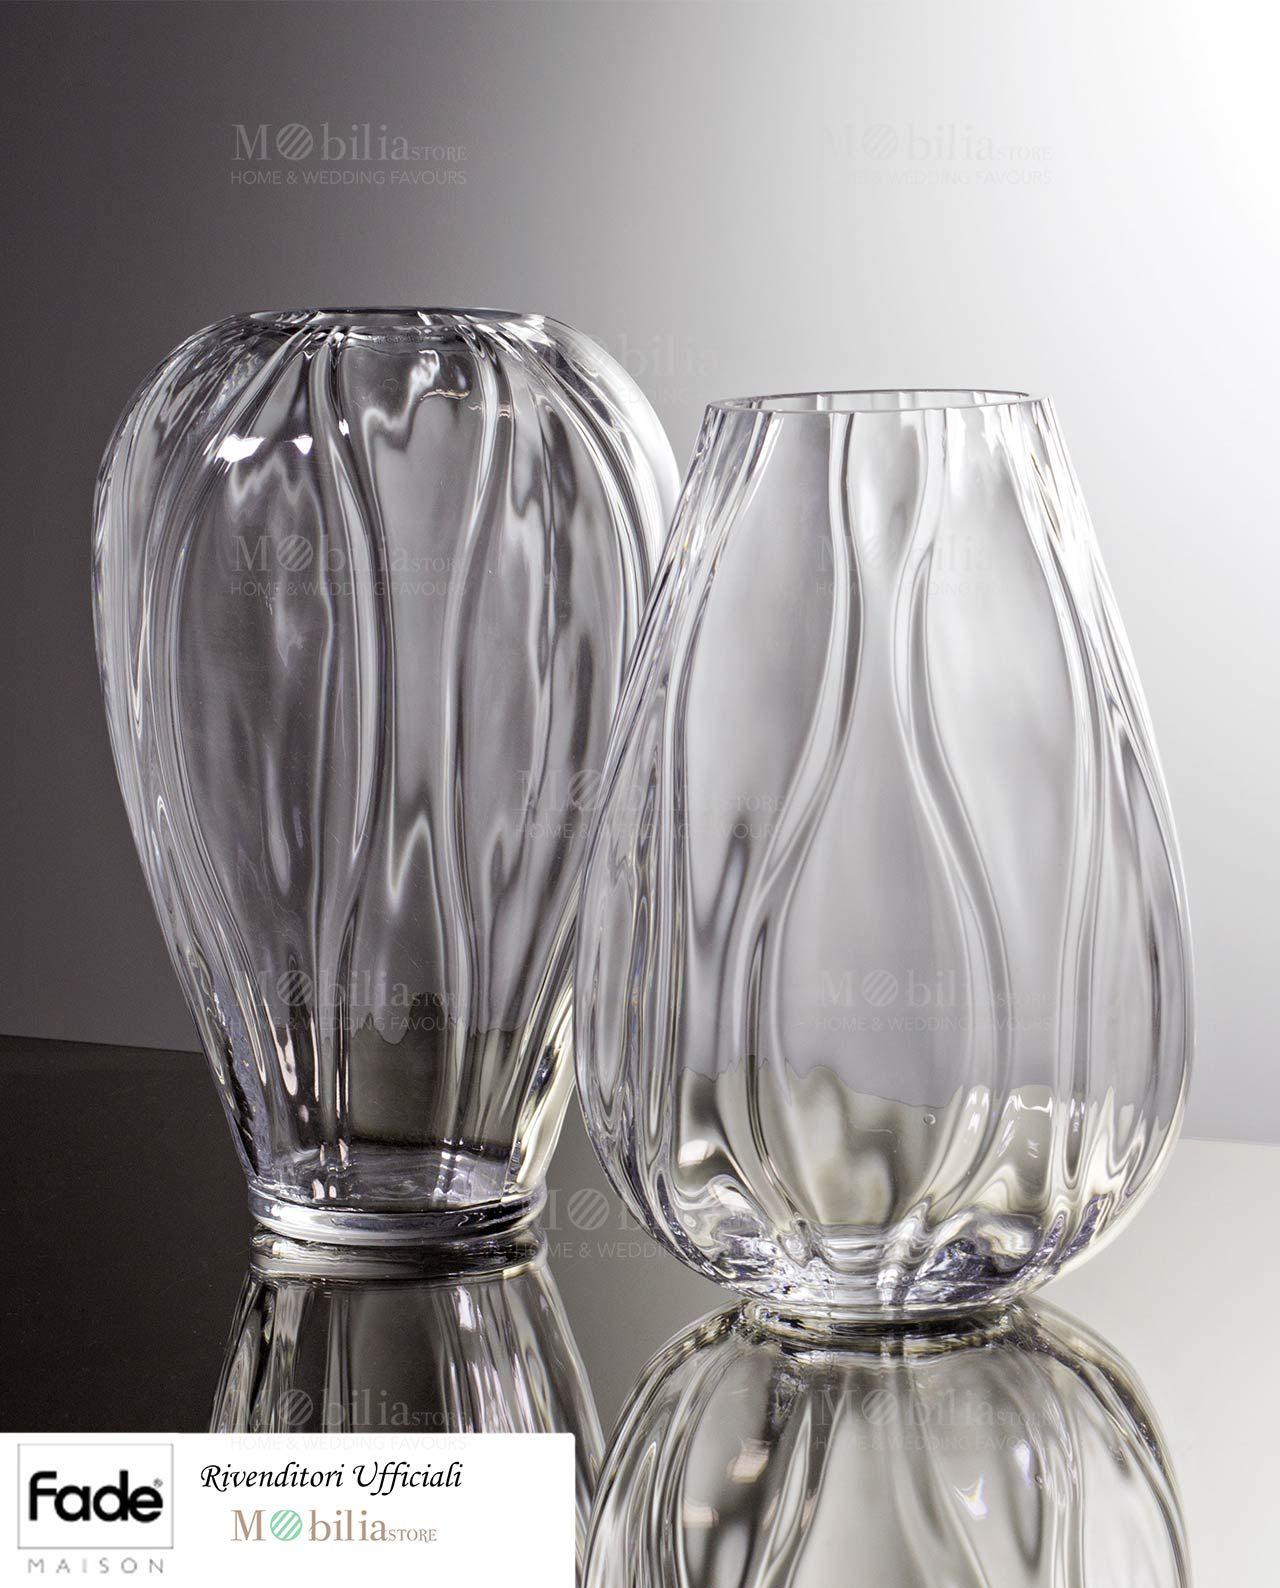 Vasi vetro comecreareunsito for Vasi di vetro ikea